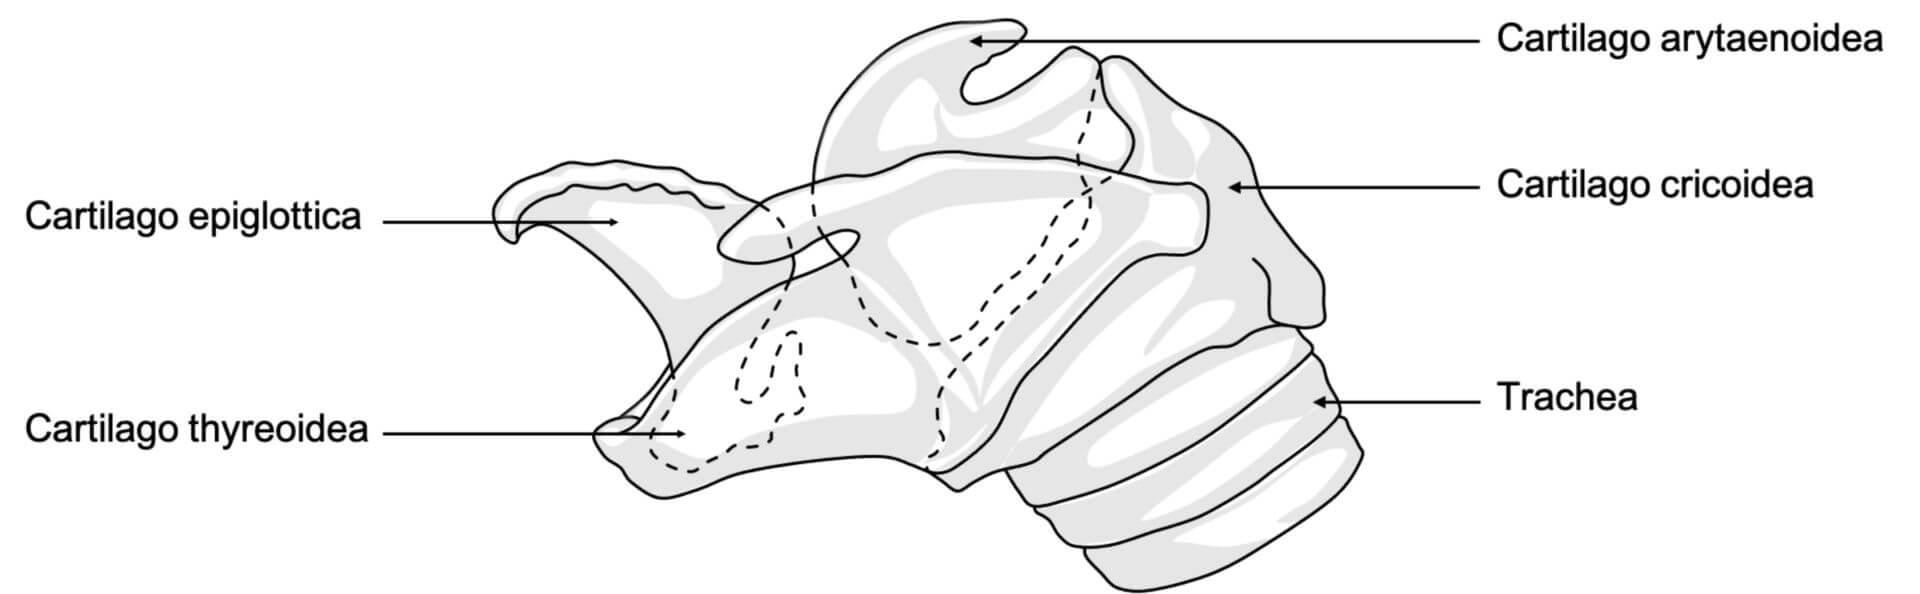 Kehlkopfknorpel beim Pferd (© Patrick Messner)